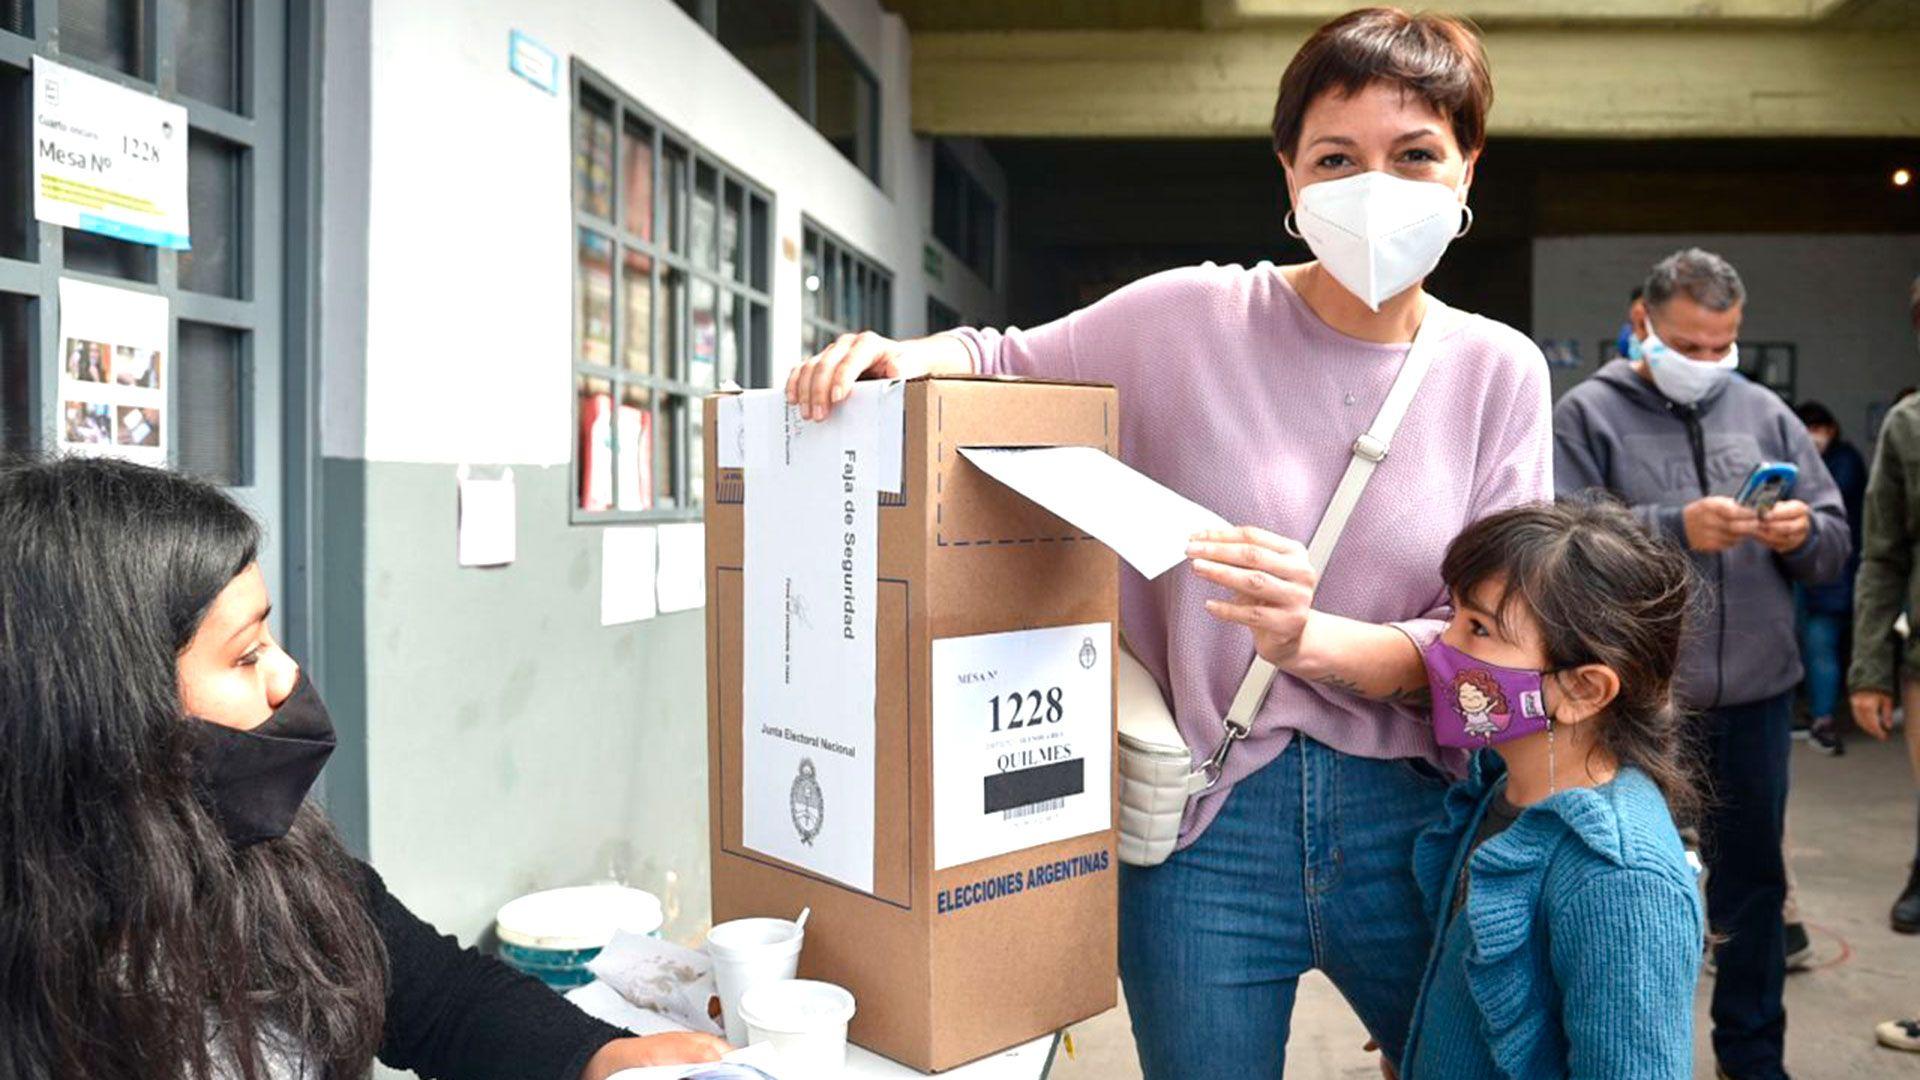 Mayra-Mendoza-Elecciones-Legislativas-paso-2021